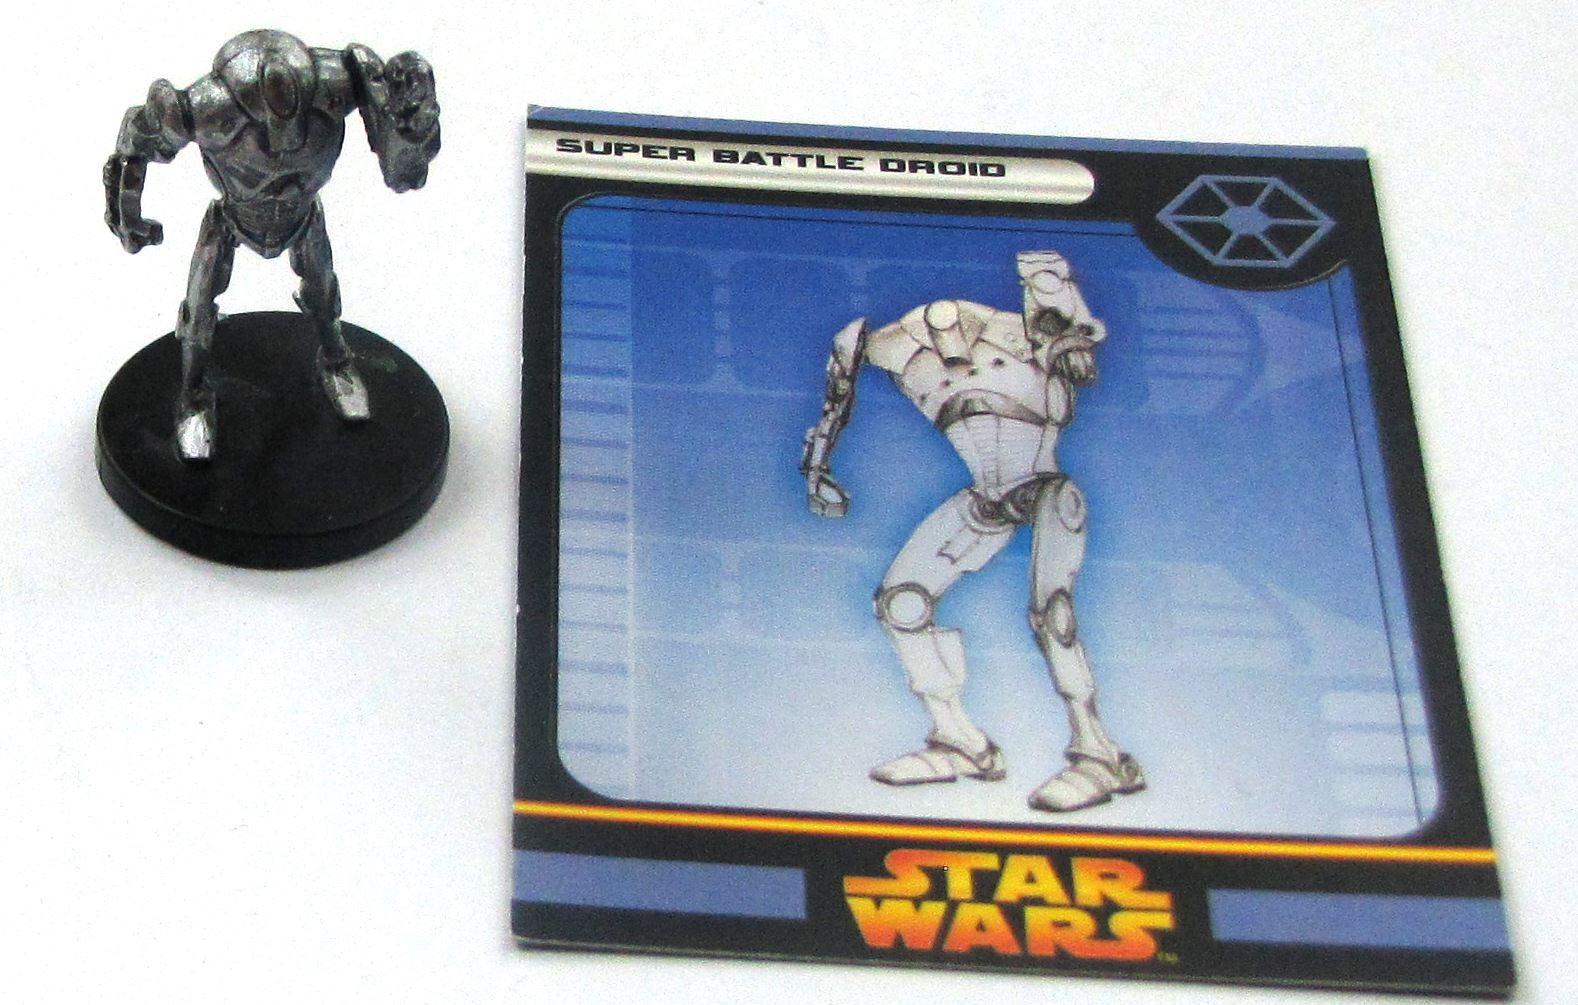 Star-Wars-Miniature-SUPER-BATTLE-DROID-10J89